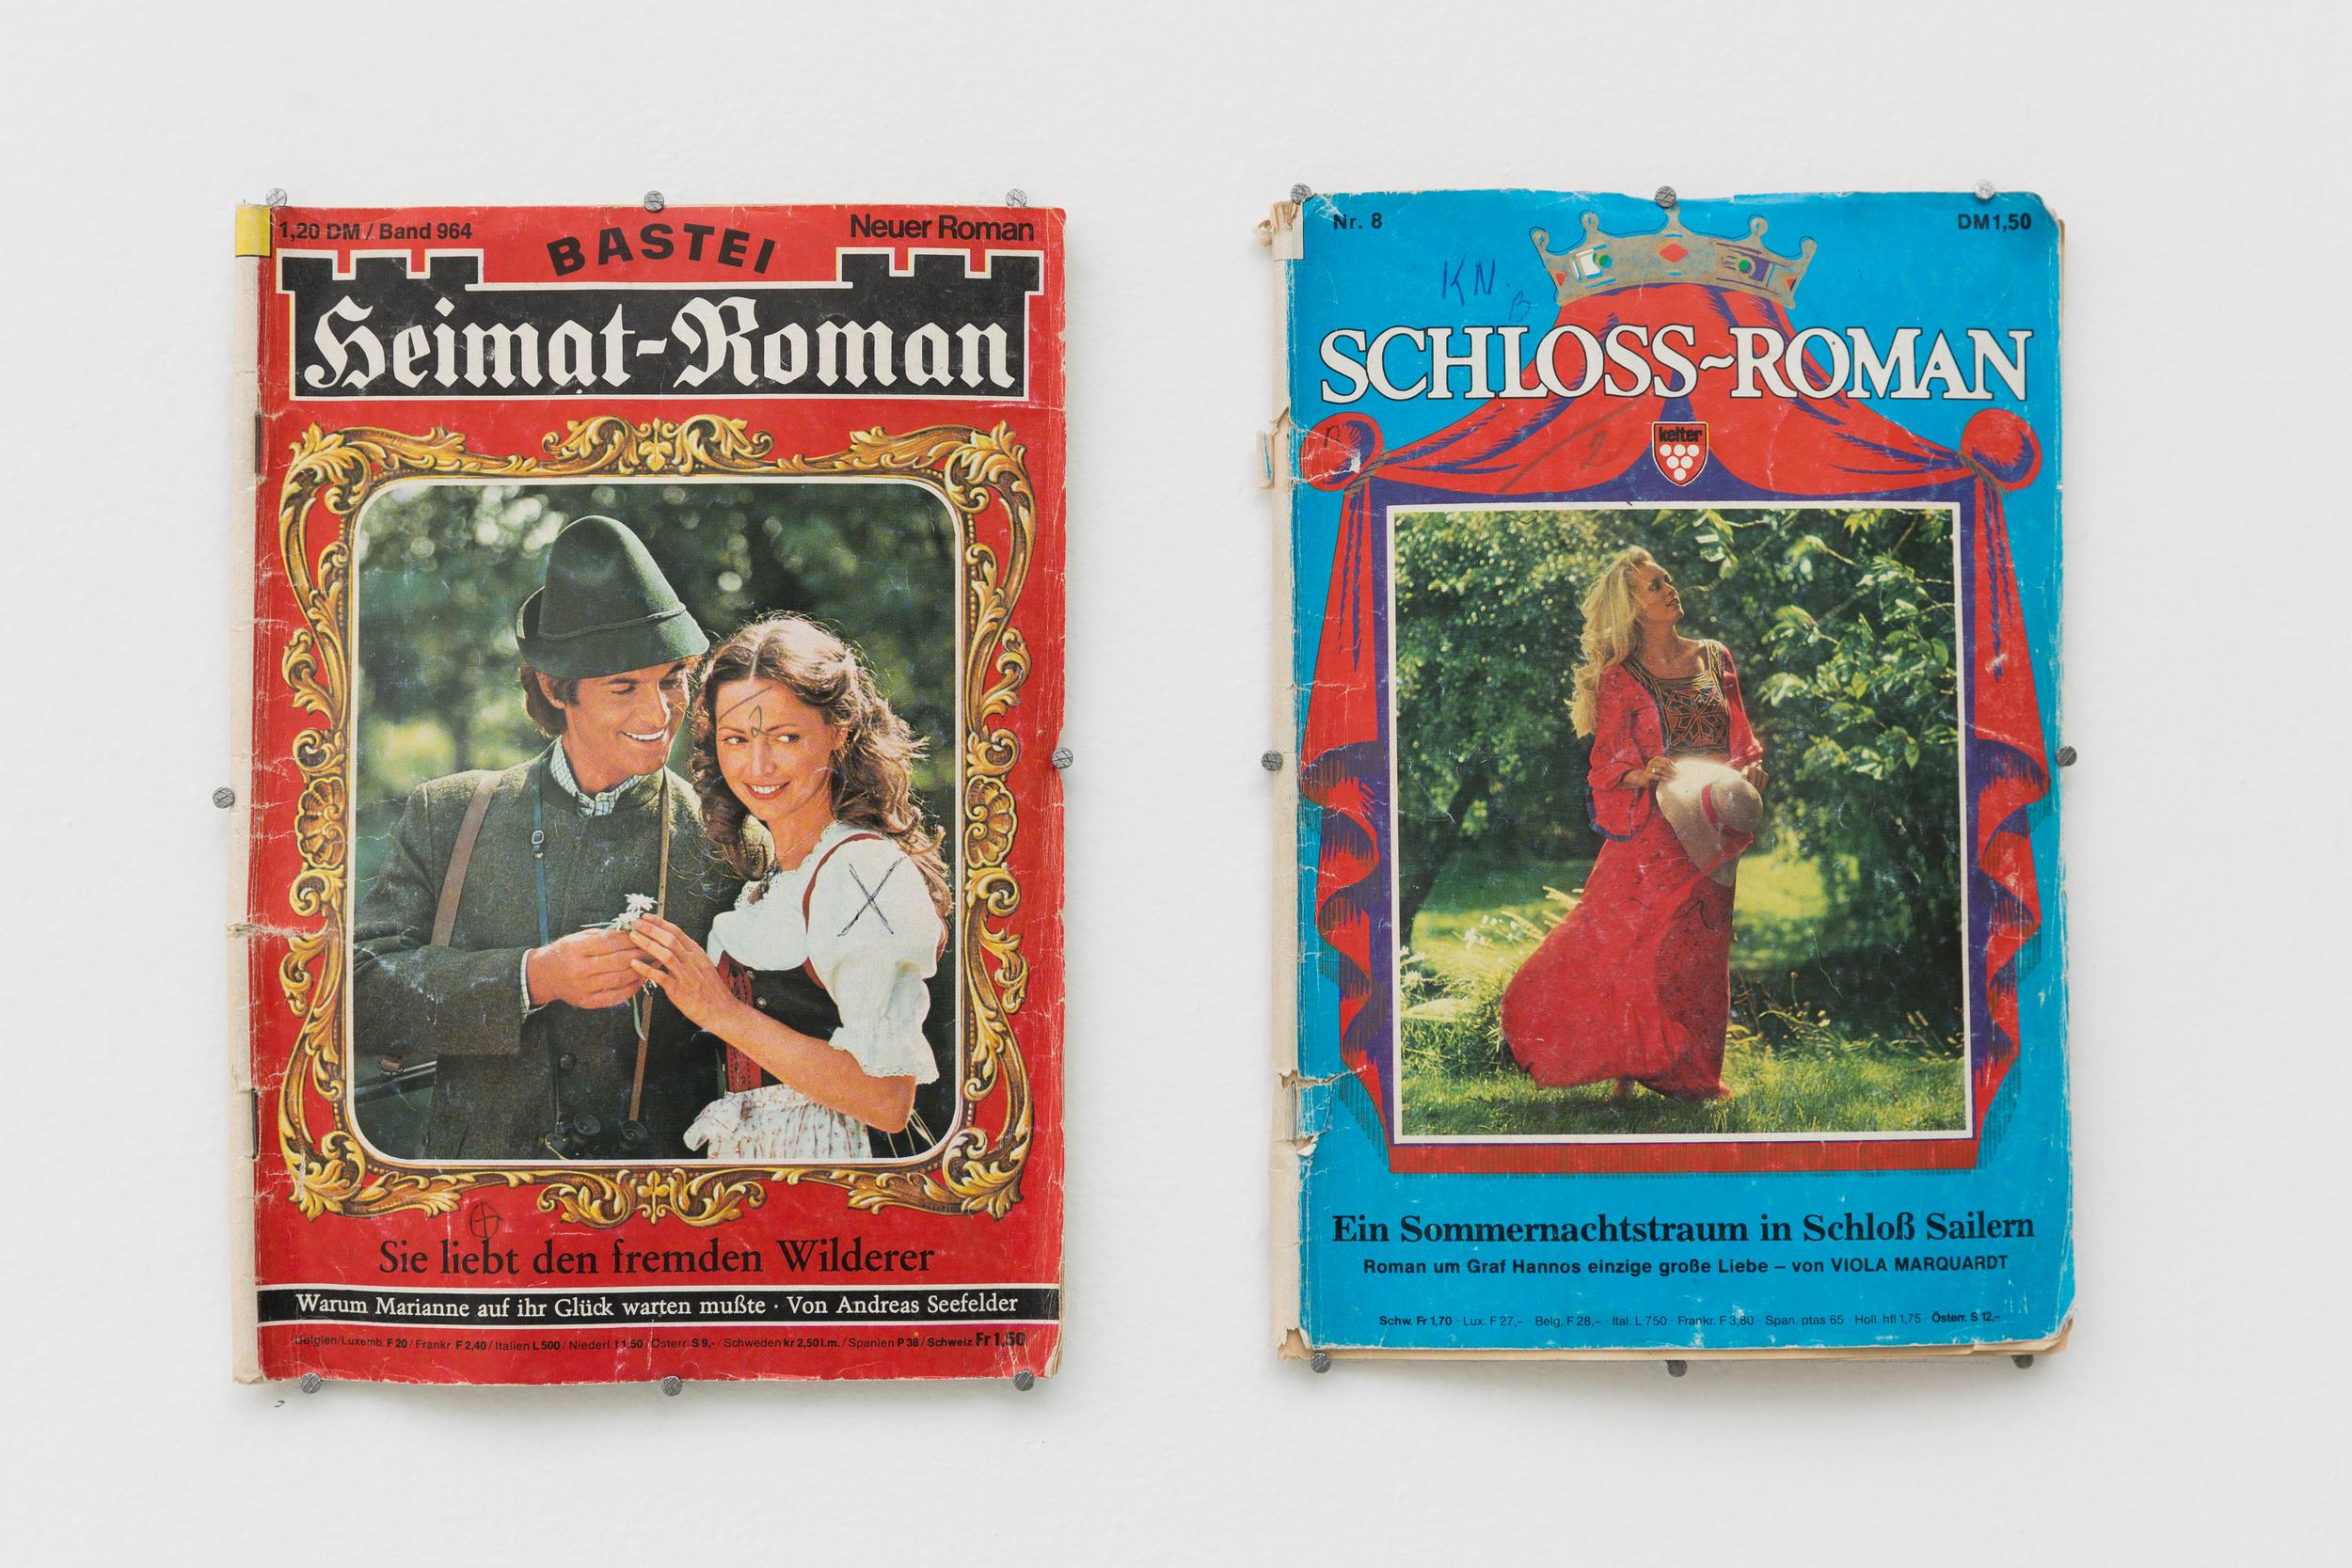 """Mateusz Kula,(Heimat-Riman, Schloss-Roman): součást instalace """"War Chronicles"""", 2015, časopisy německého vydavatelství BASTEI z 90. let o romantické fantasy"""